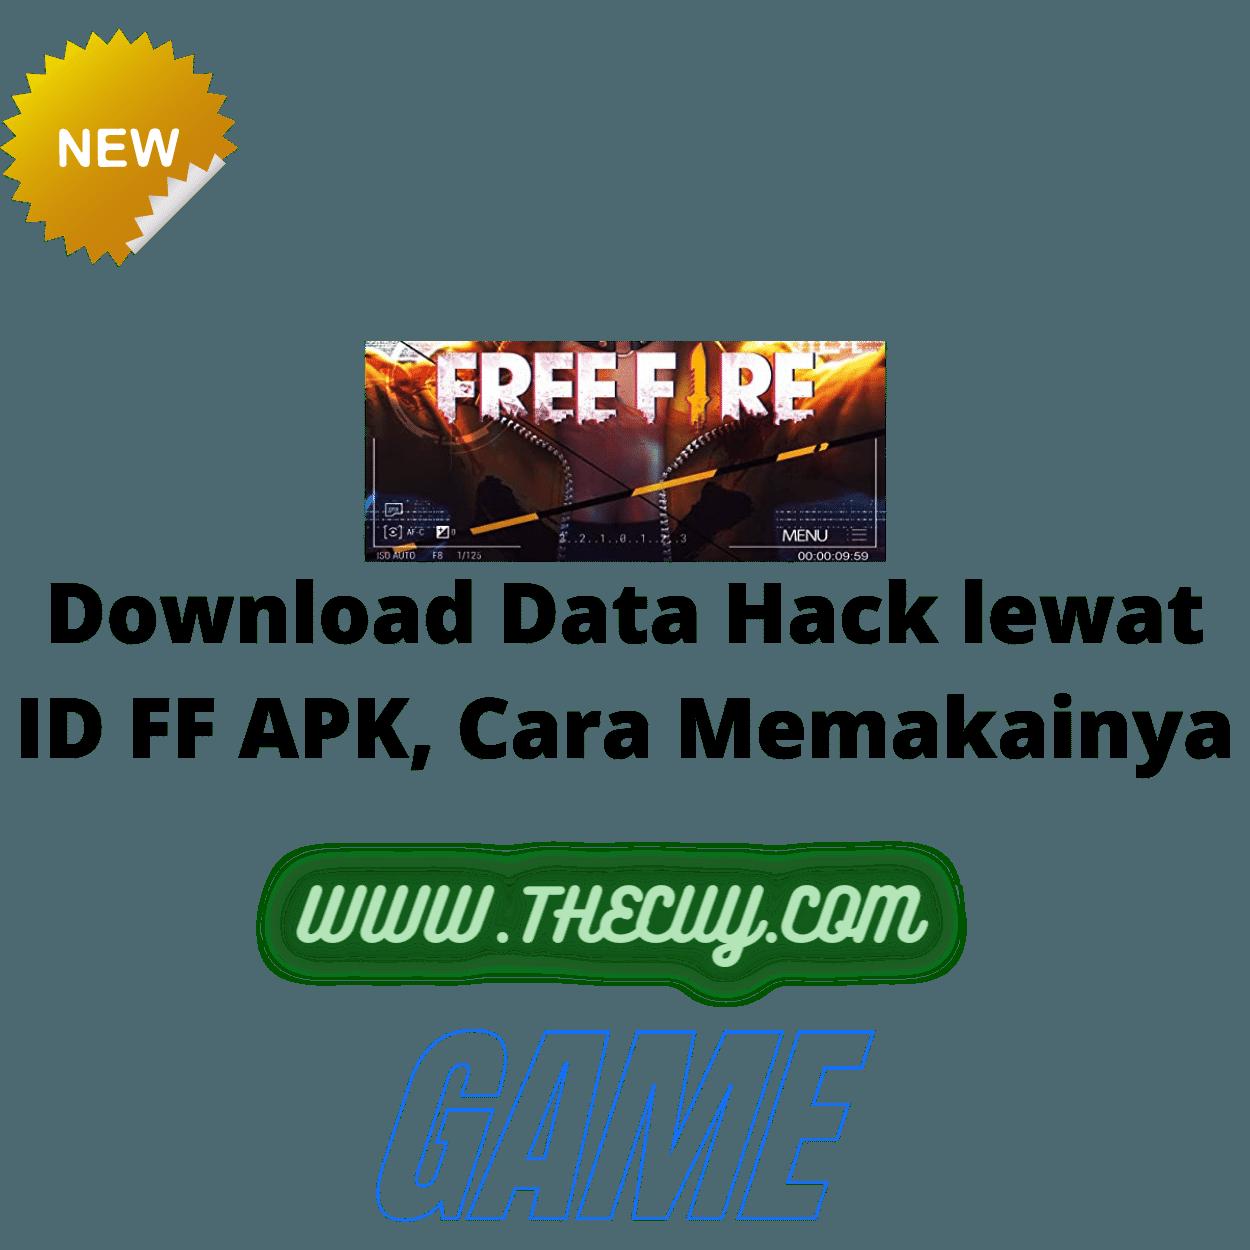 Download Data Hack lewat ID FF APK, Cara Memakainya